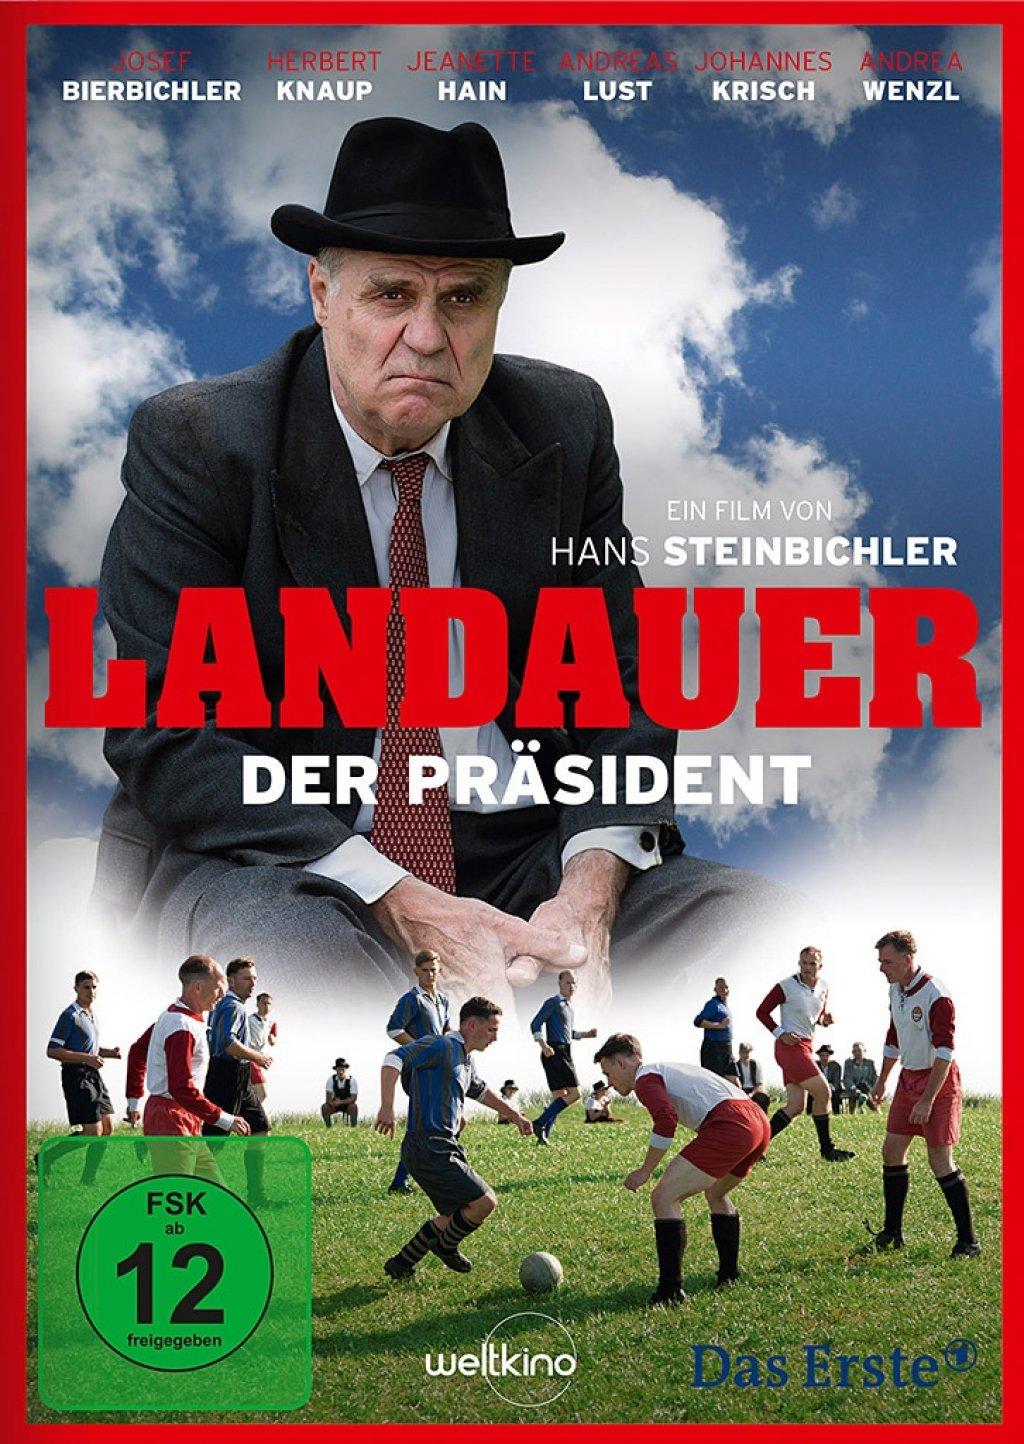 Landauer - Der Präsident - 2. Auflage (DVD)